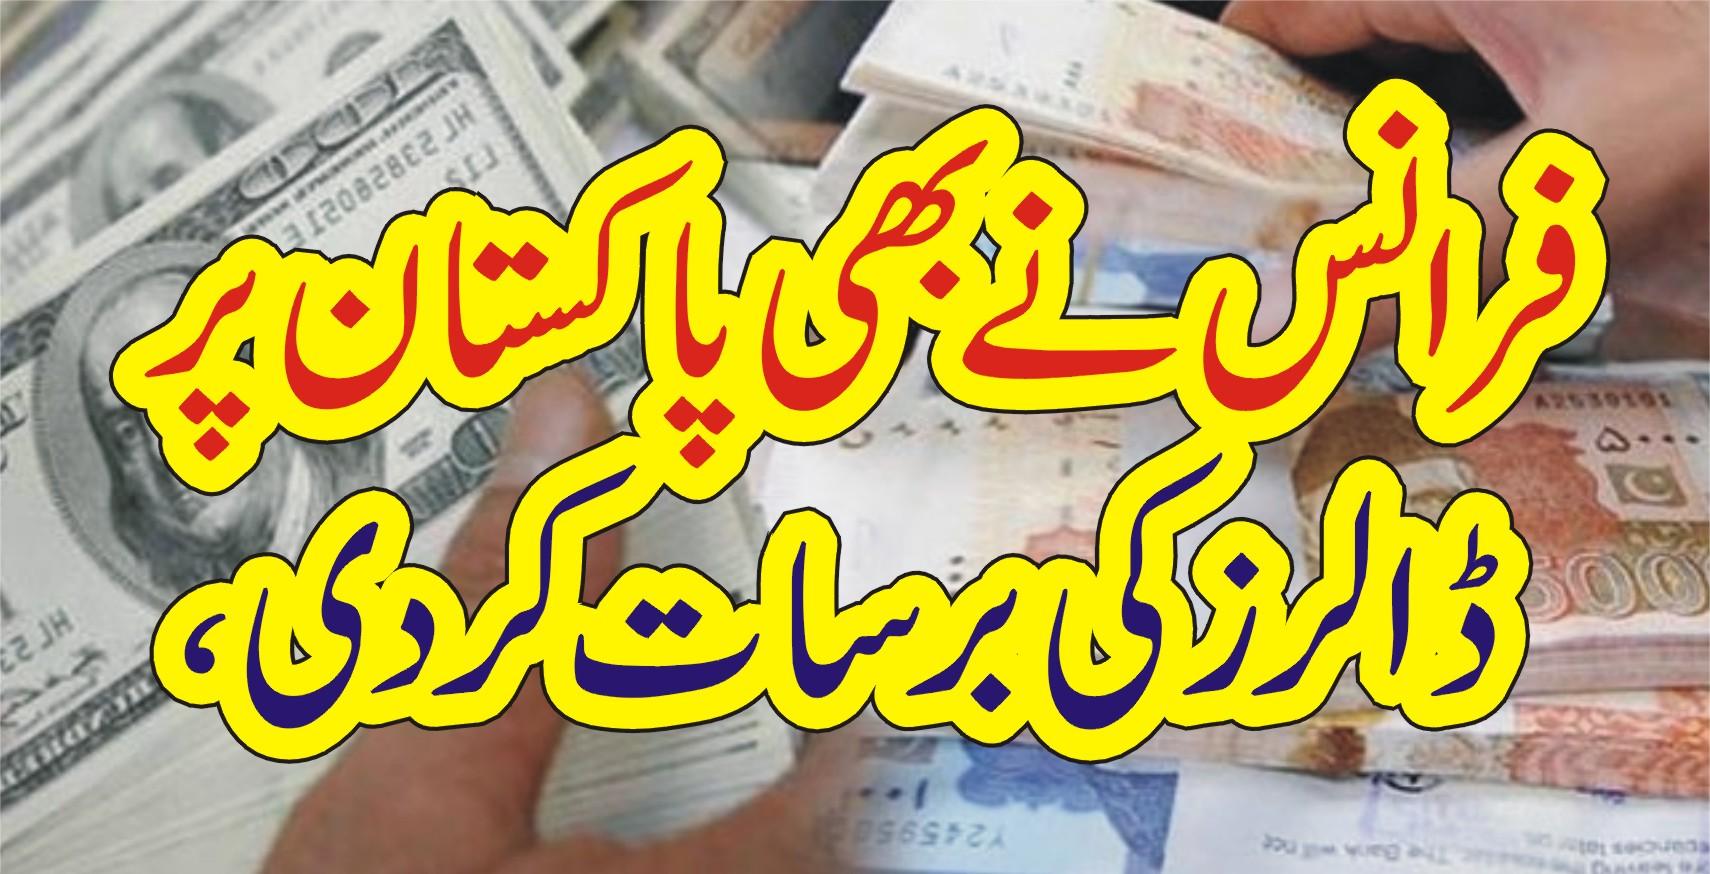 فرانس نے بھی پاکستان پر ڈالر کی برسات کردی۔۔۔،